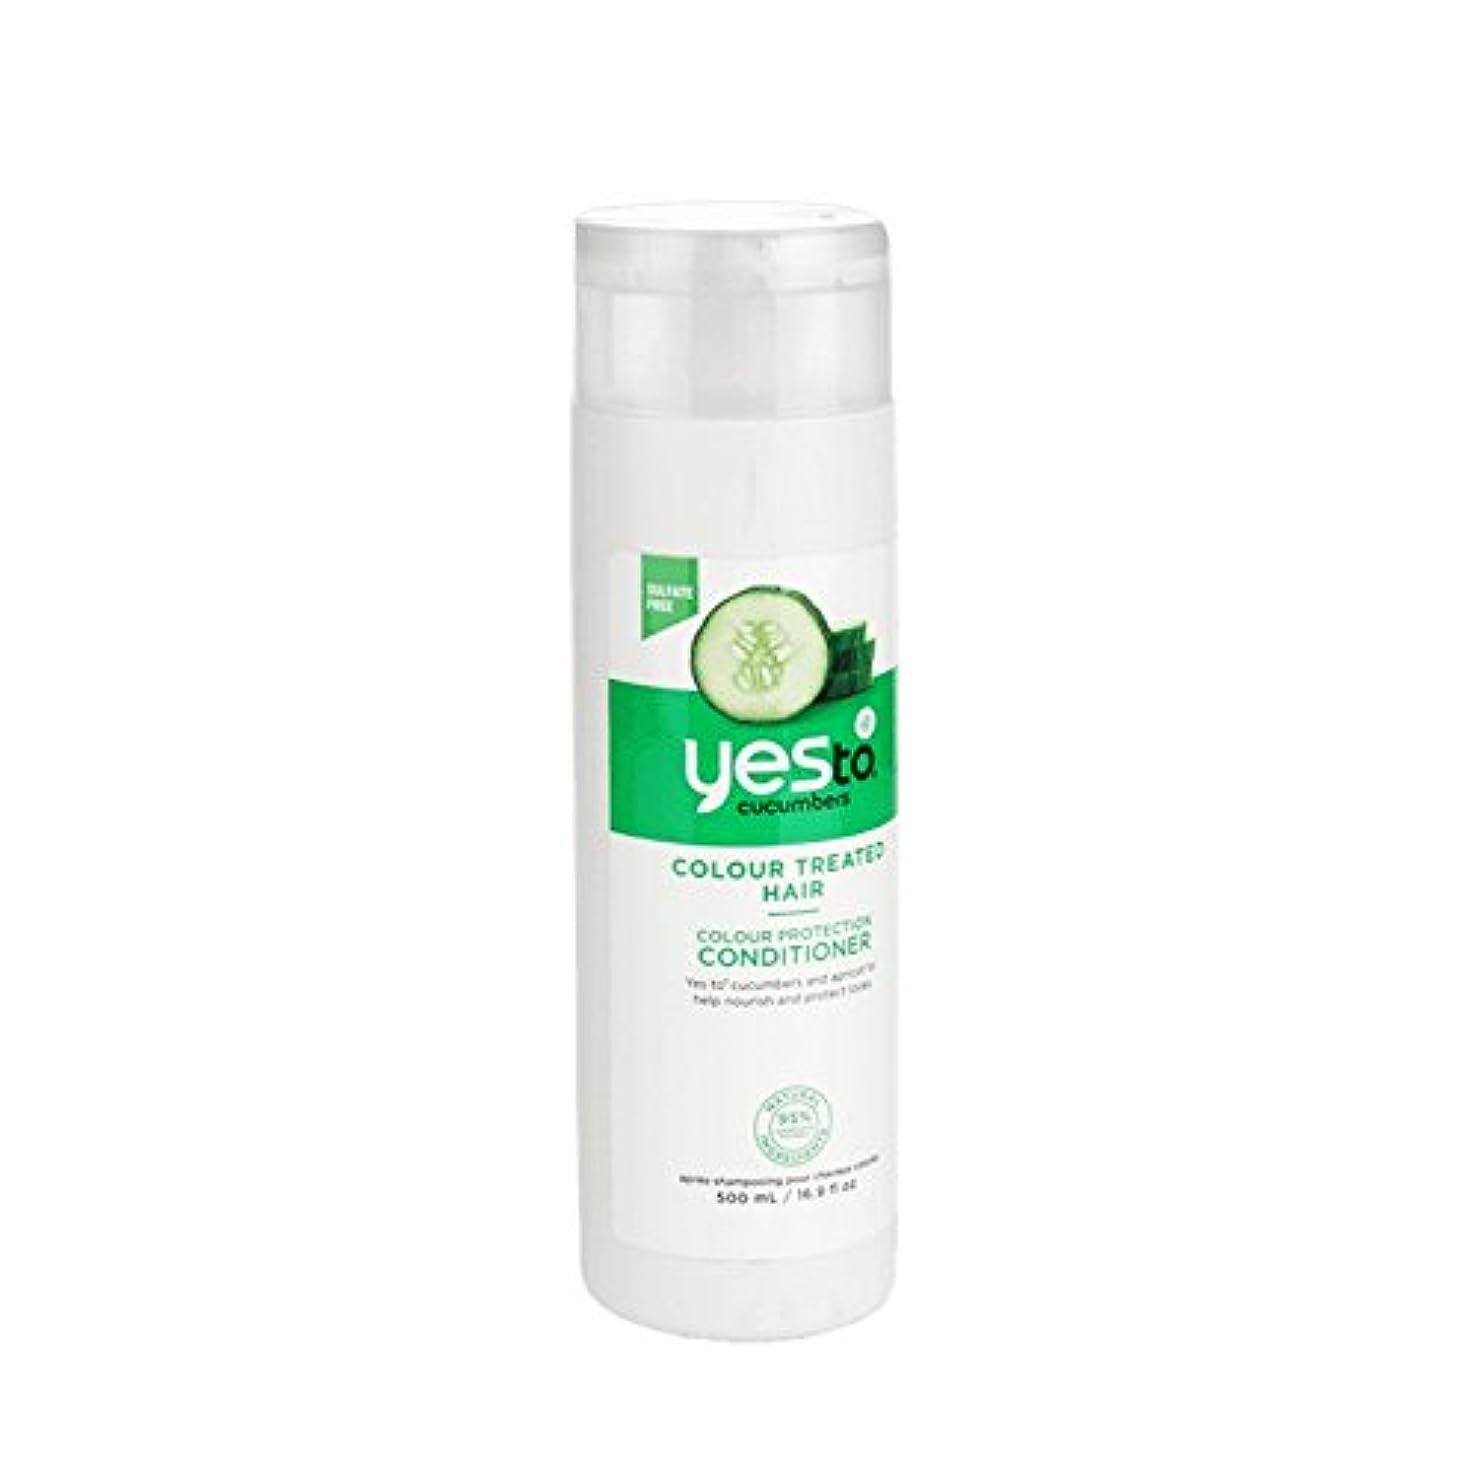 自動化ゴシップ道路はいキュウリの色の保護コンディショナー500ミリリットルへ - Yes To Cucumbers Colour Protection Conditioner 500ml (Yes To) [並行輸入品]